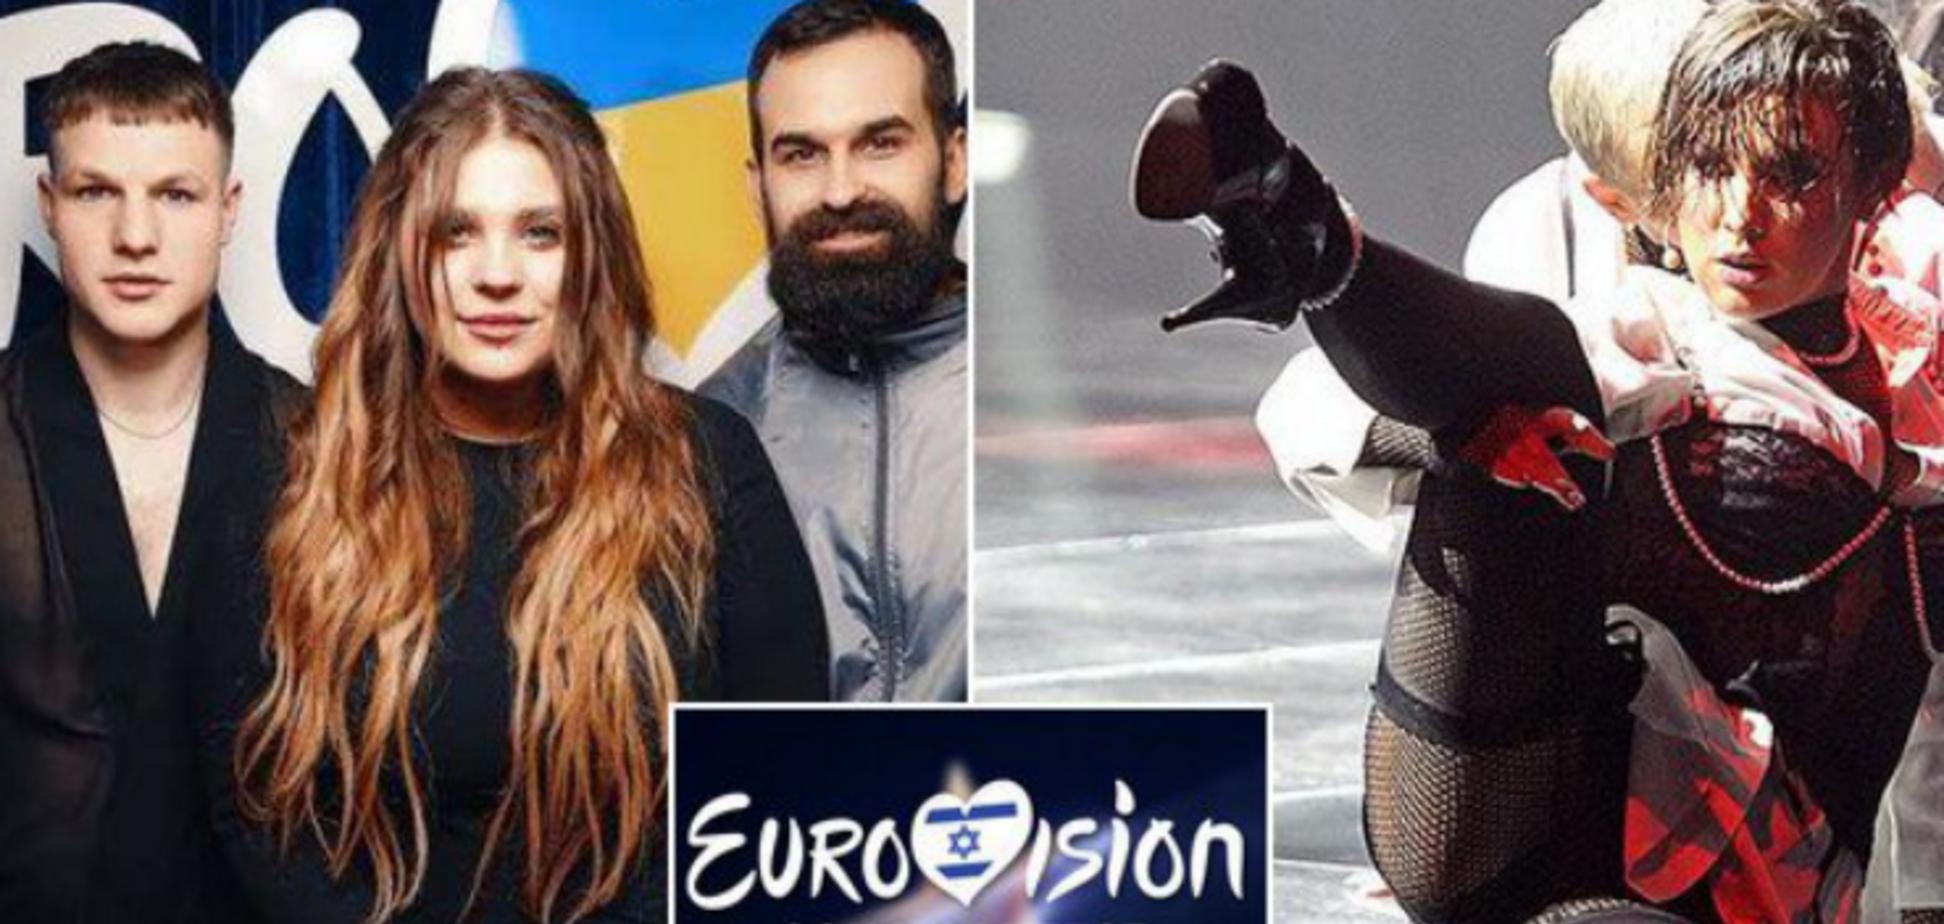 'Урегулировать, бл*ть': в Украине ажиотаж из-за отказа от Евровидения